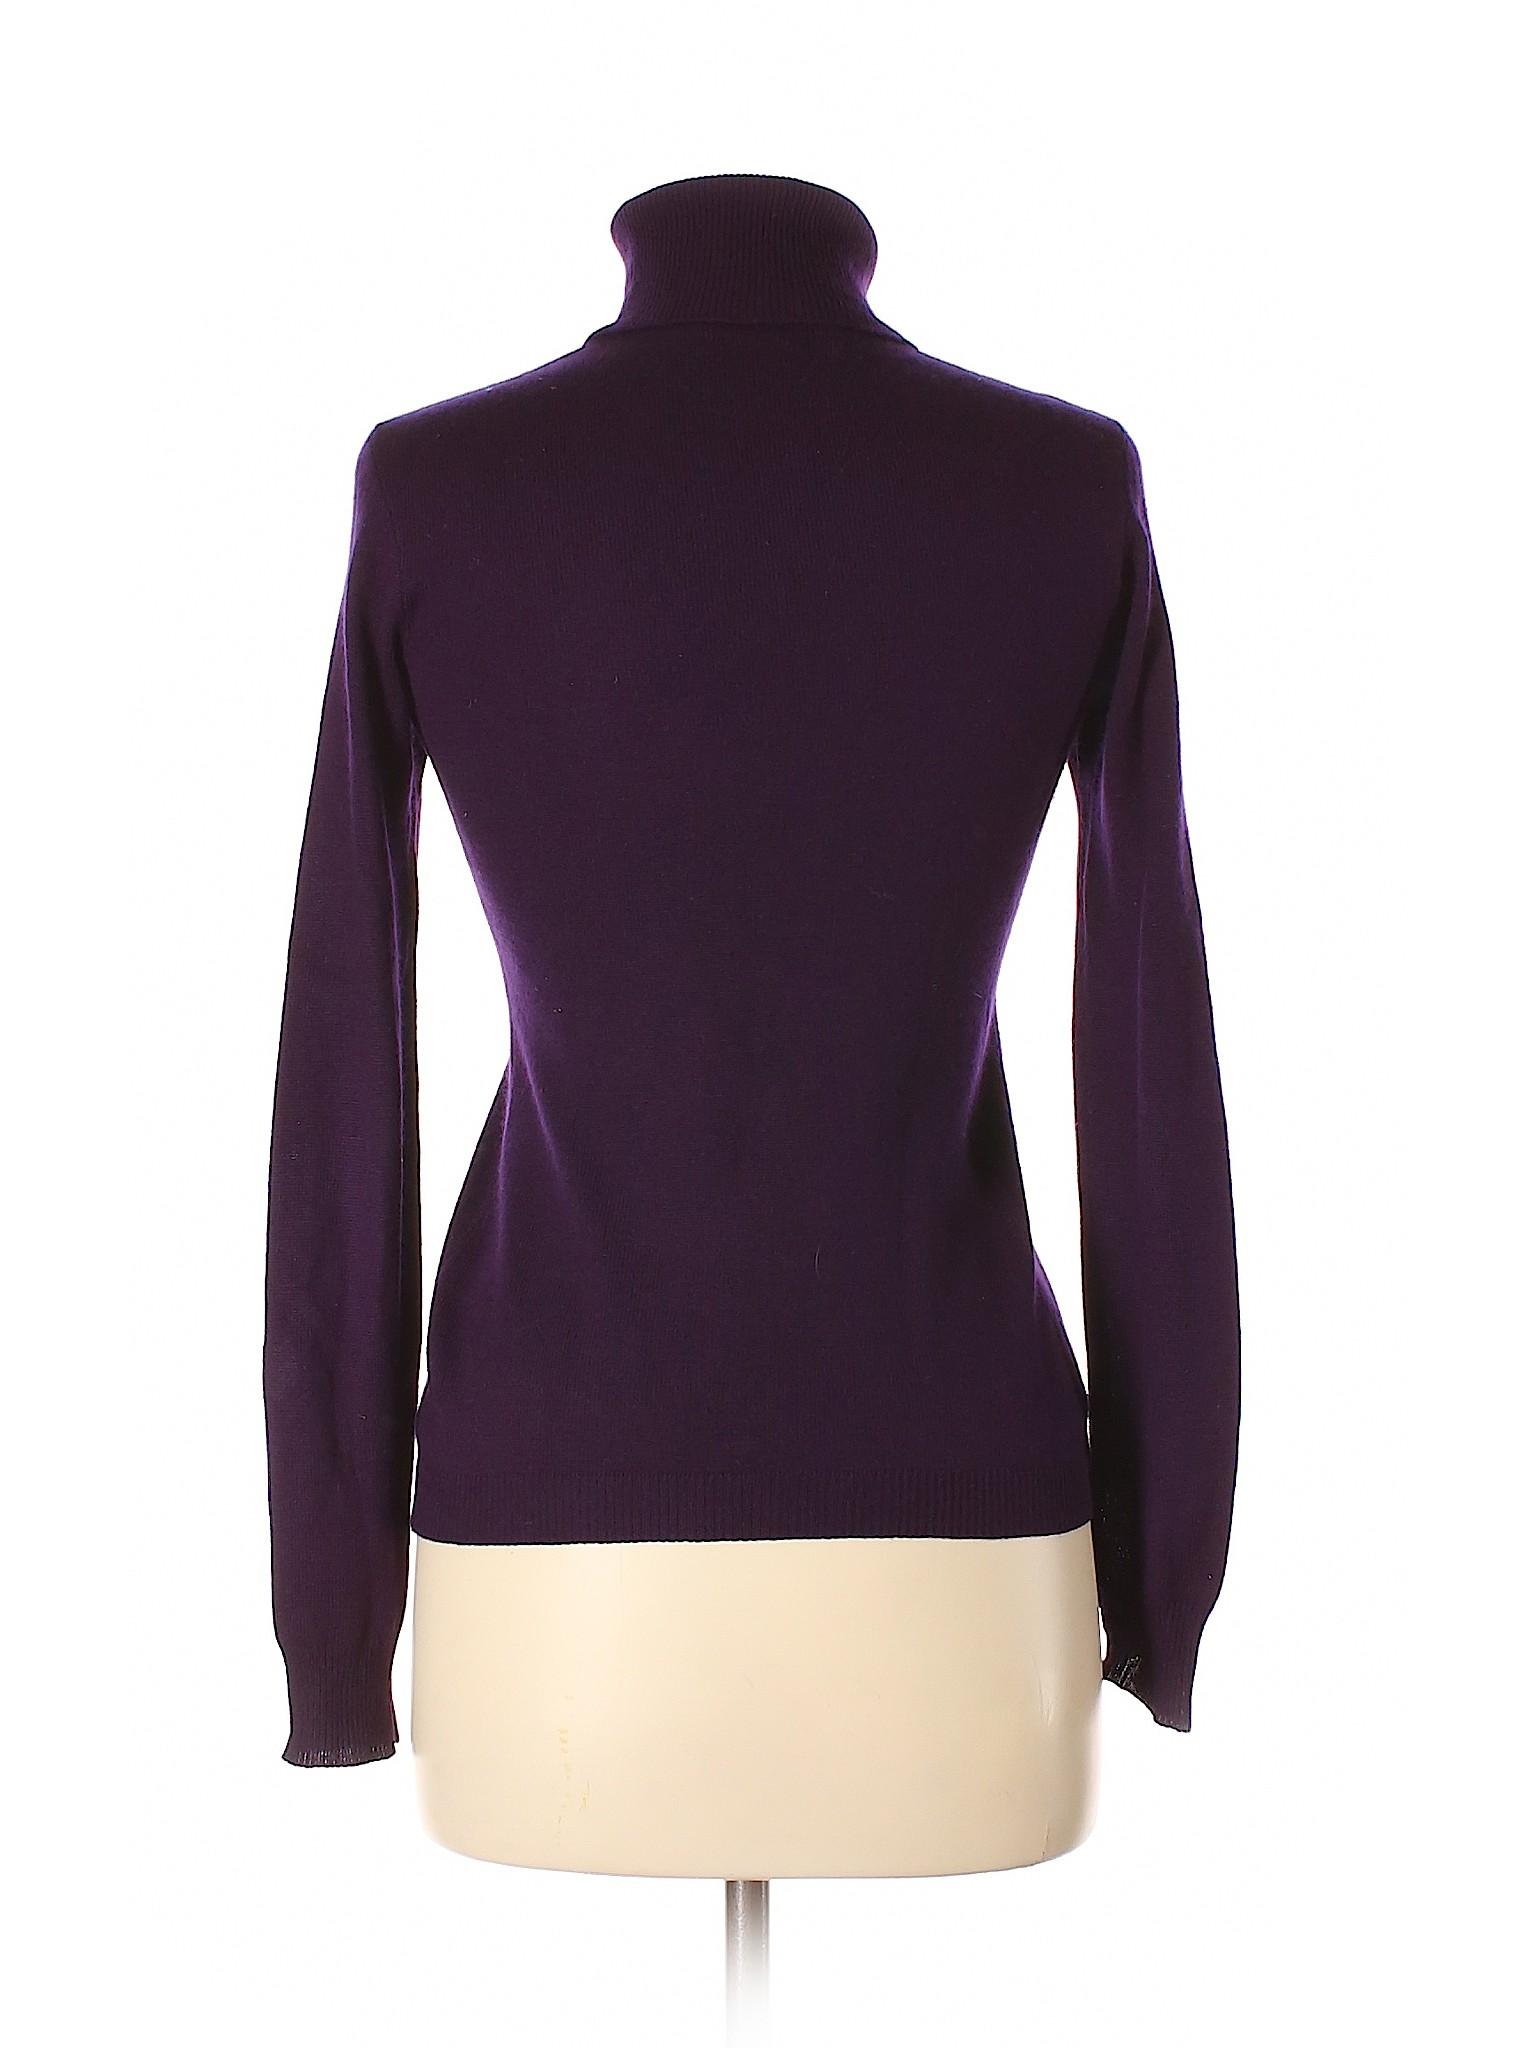 Pullover winter Ralph Lauren Ralph Silk Boutique Sweater by Ywpxwz